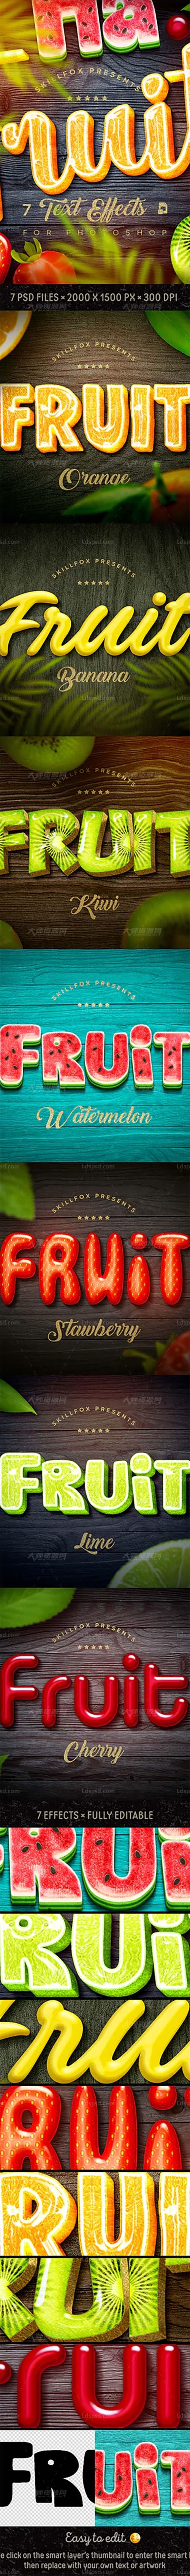 极品PS样式-水果样式(含7个PSD源文件):Fruit Text Effects х7 Psd